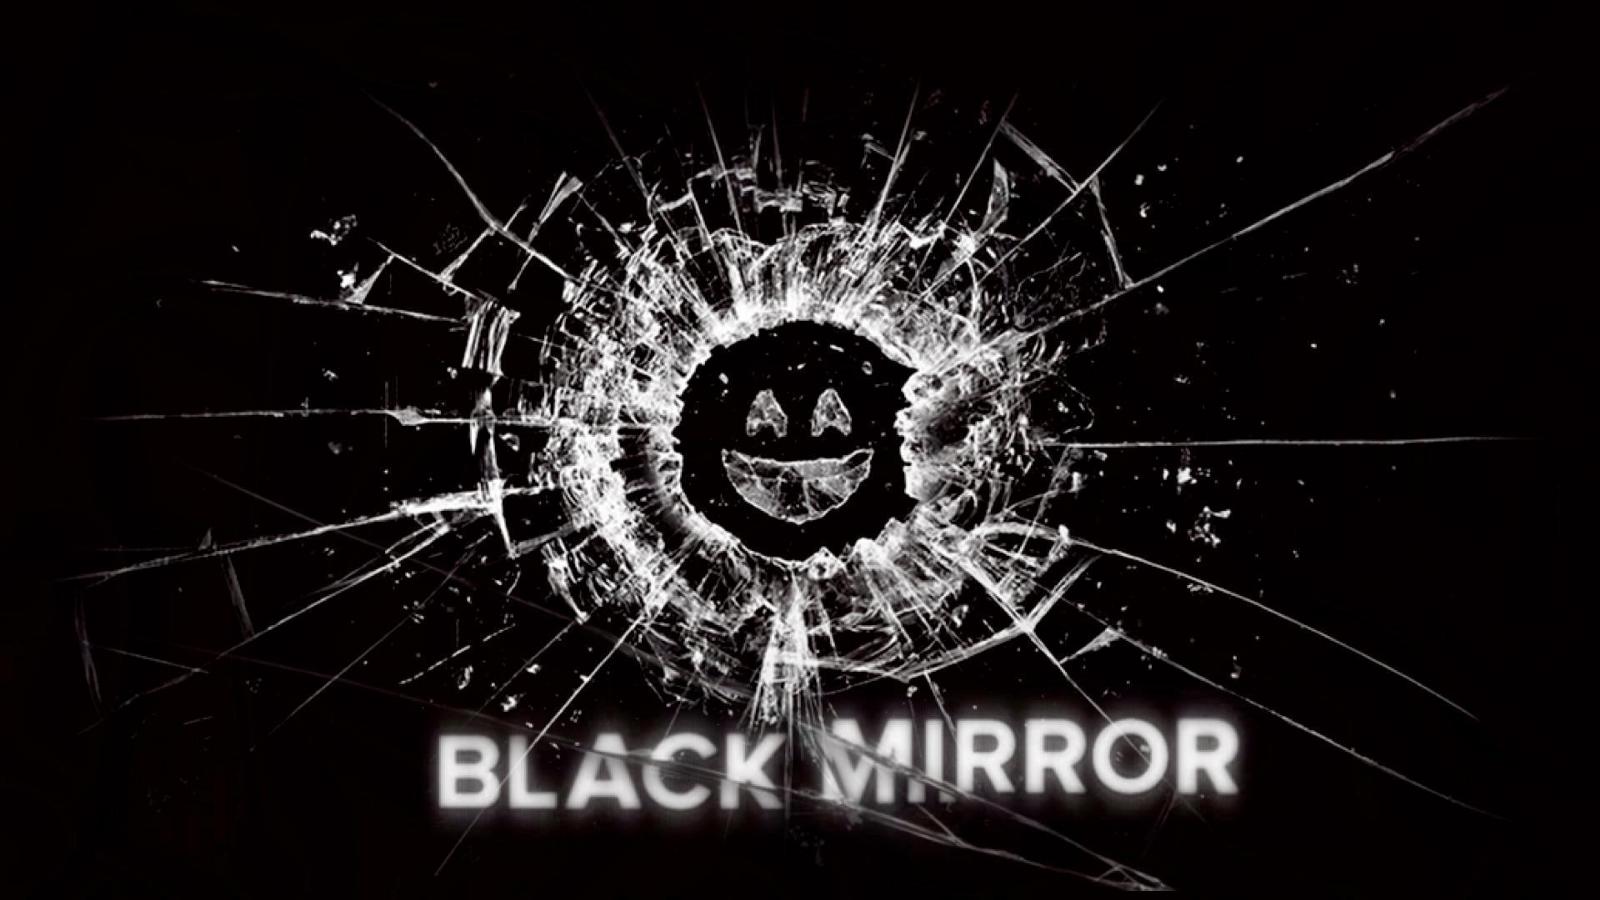 La sexta temporada de Black Mirror es la vida real, según anuncio de Netflix